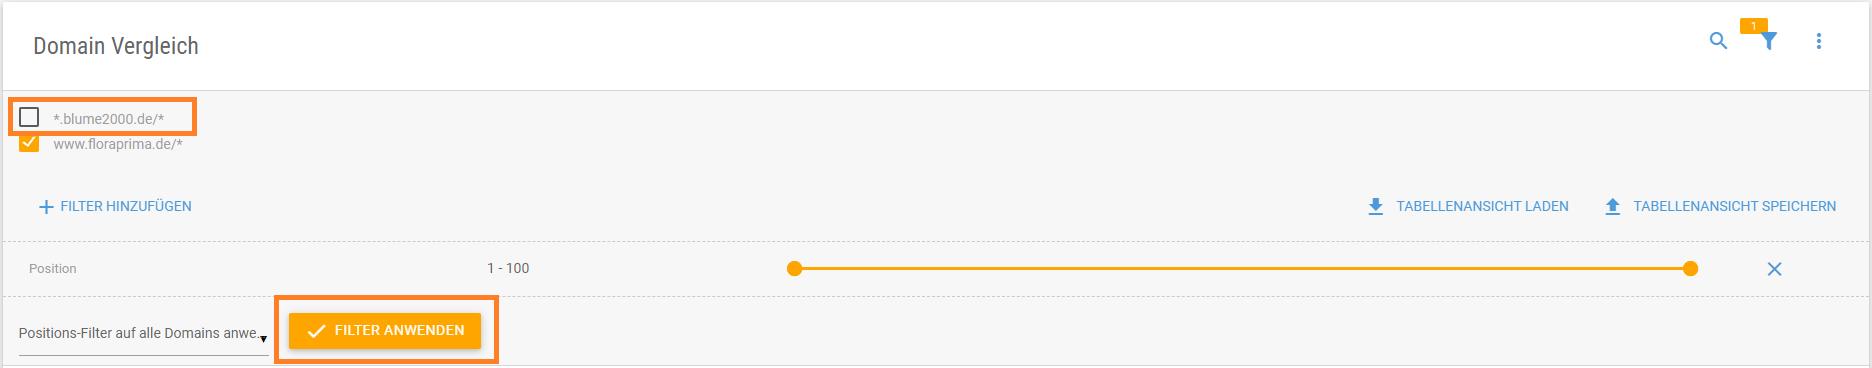 Ergebnisse nach Position sortieren und nach Domain filtern